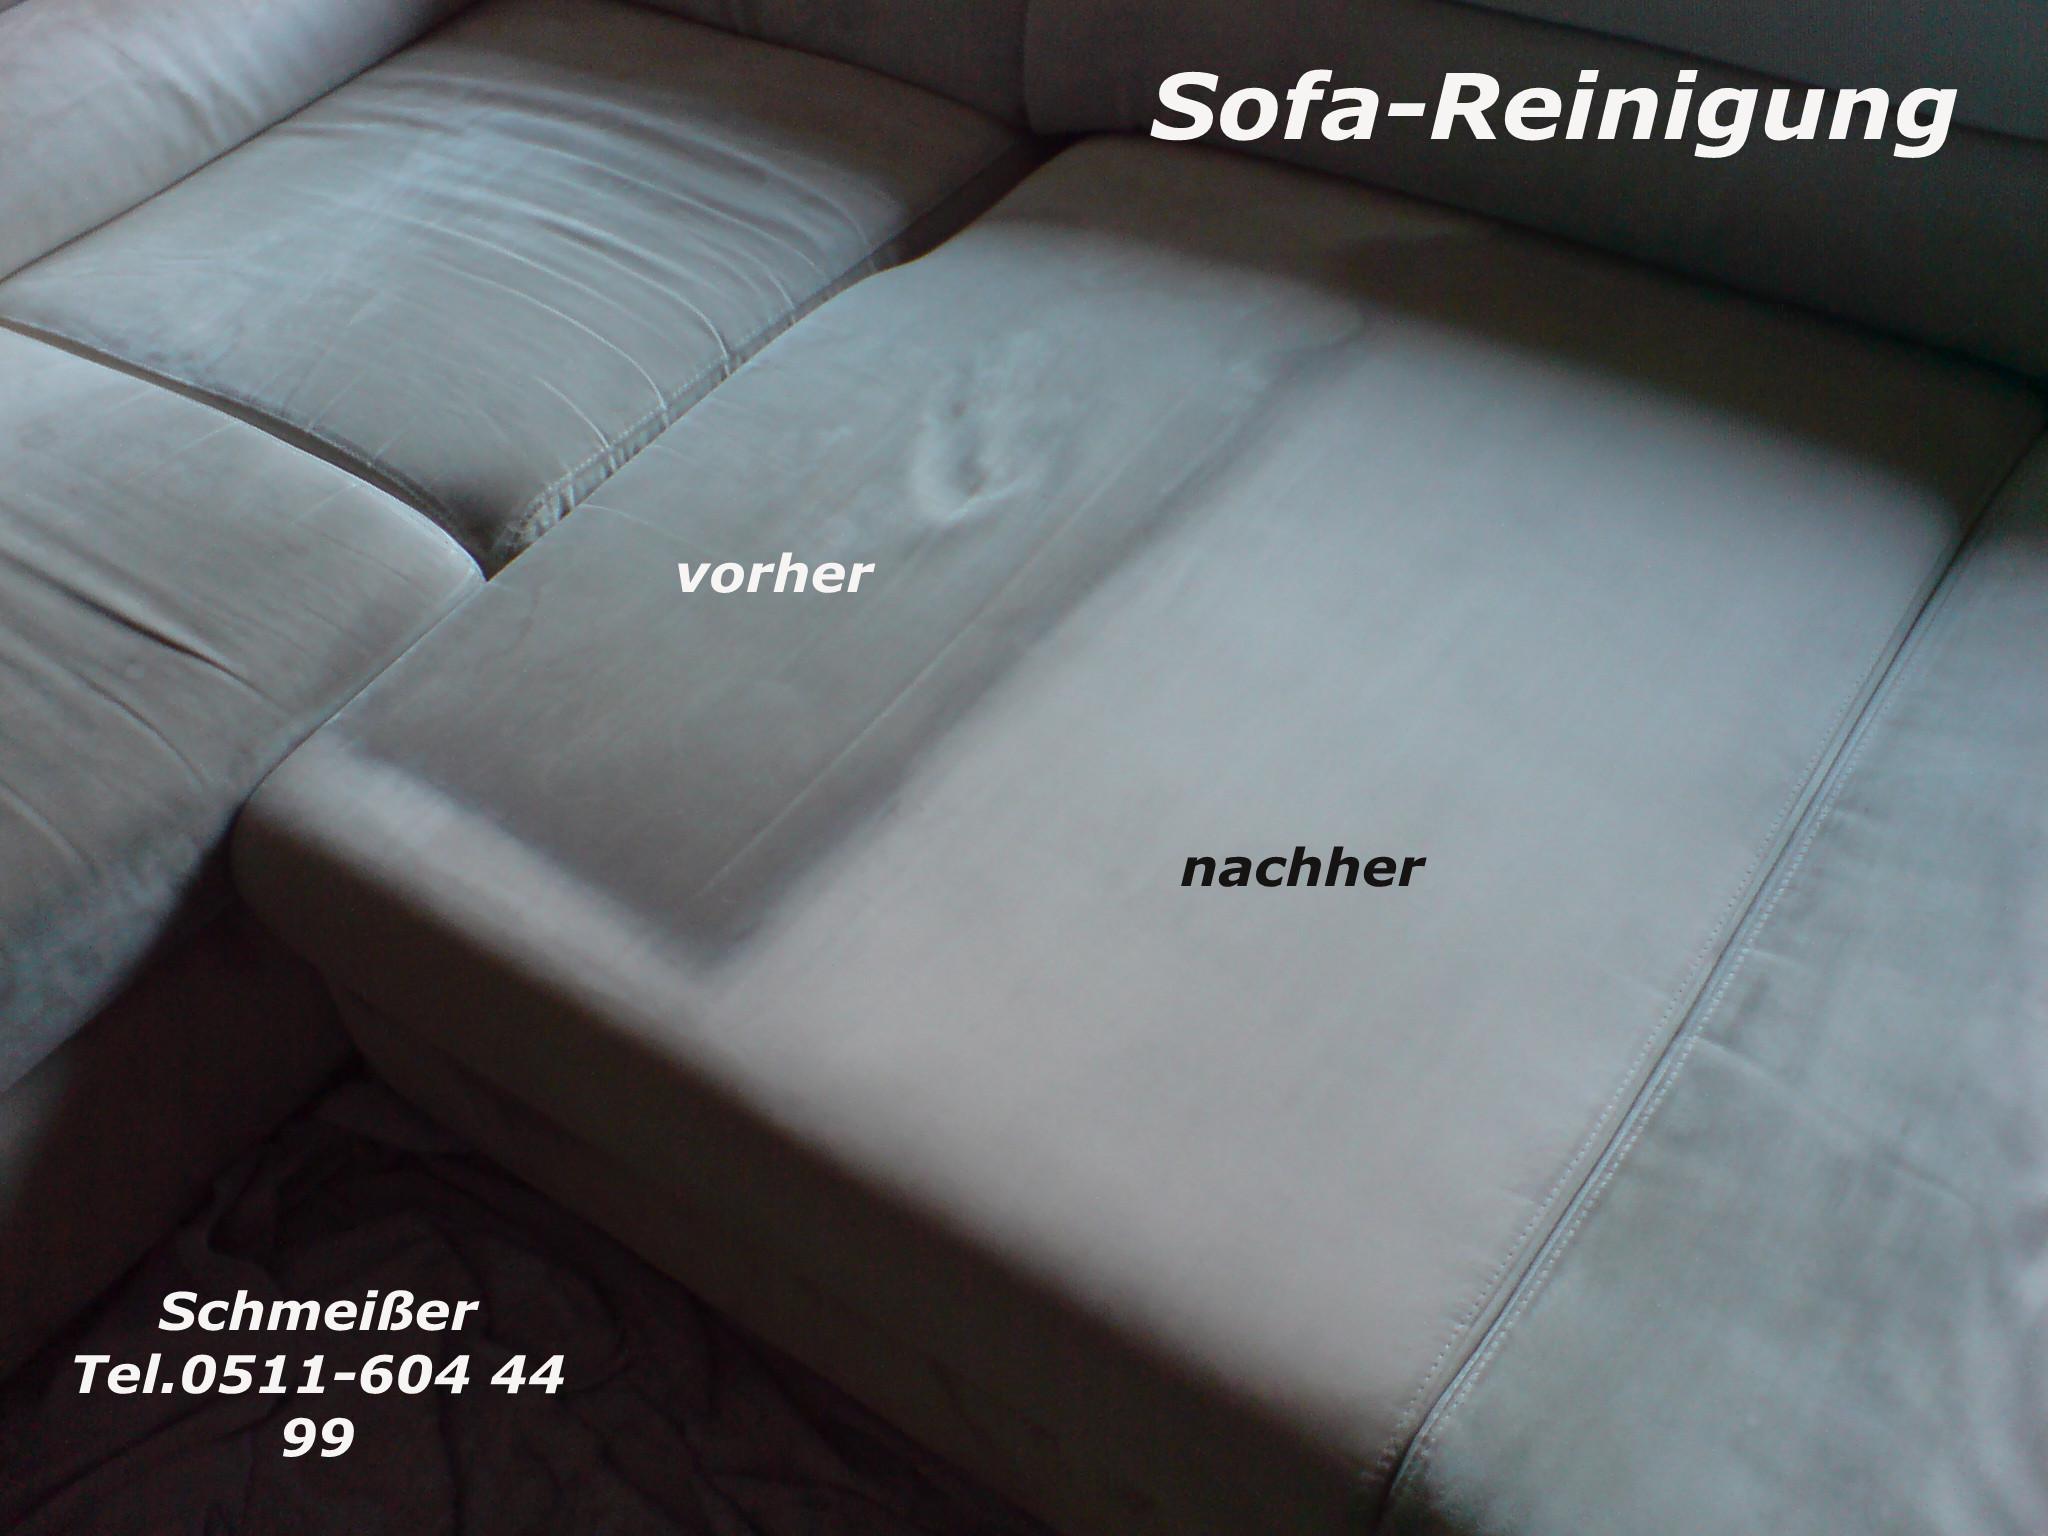 altes sofa reinigen finest zweisitzer sofa gnstig awesome couch zweisitzer high definition. Black Bedroom Furniture Sets. Home Design Ideas